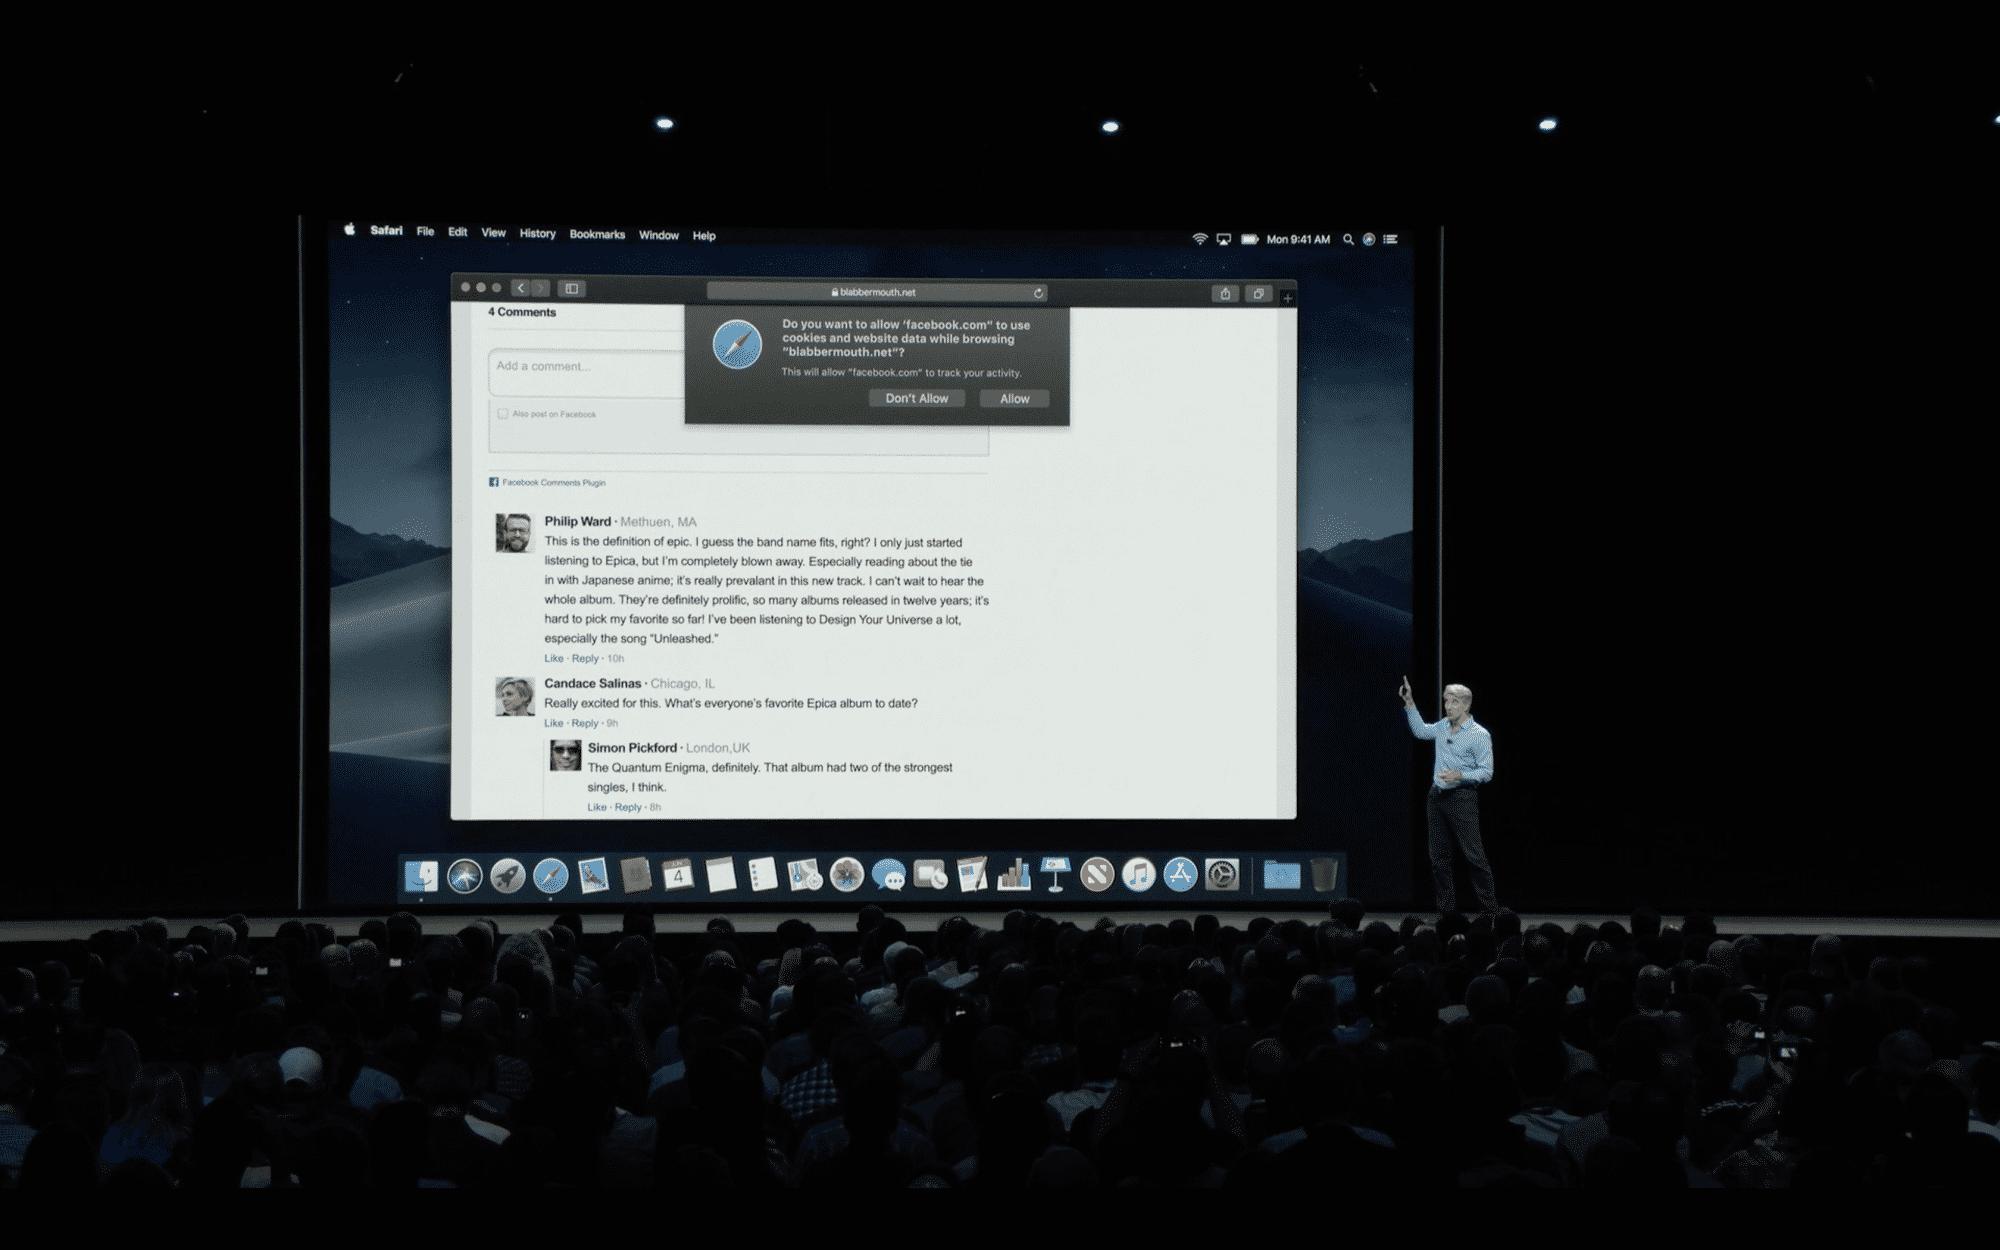 Apple macht keinen Hehl daraus, dass sich die verbesserte Anti-Tracking-Funktion besonders gegen Facebook richtet.